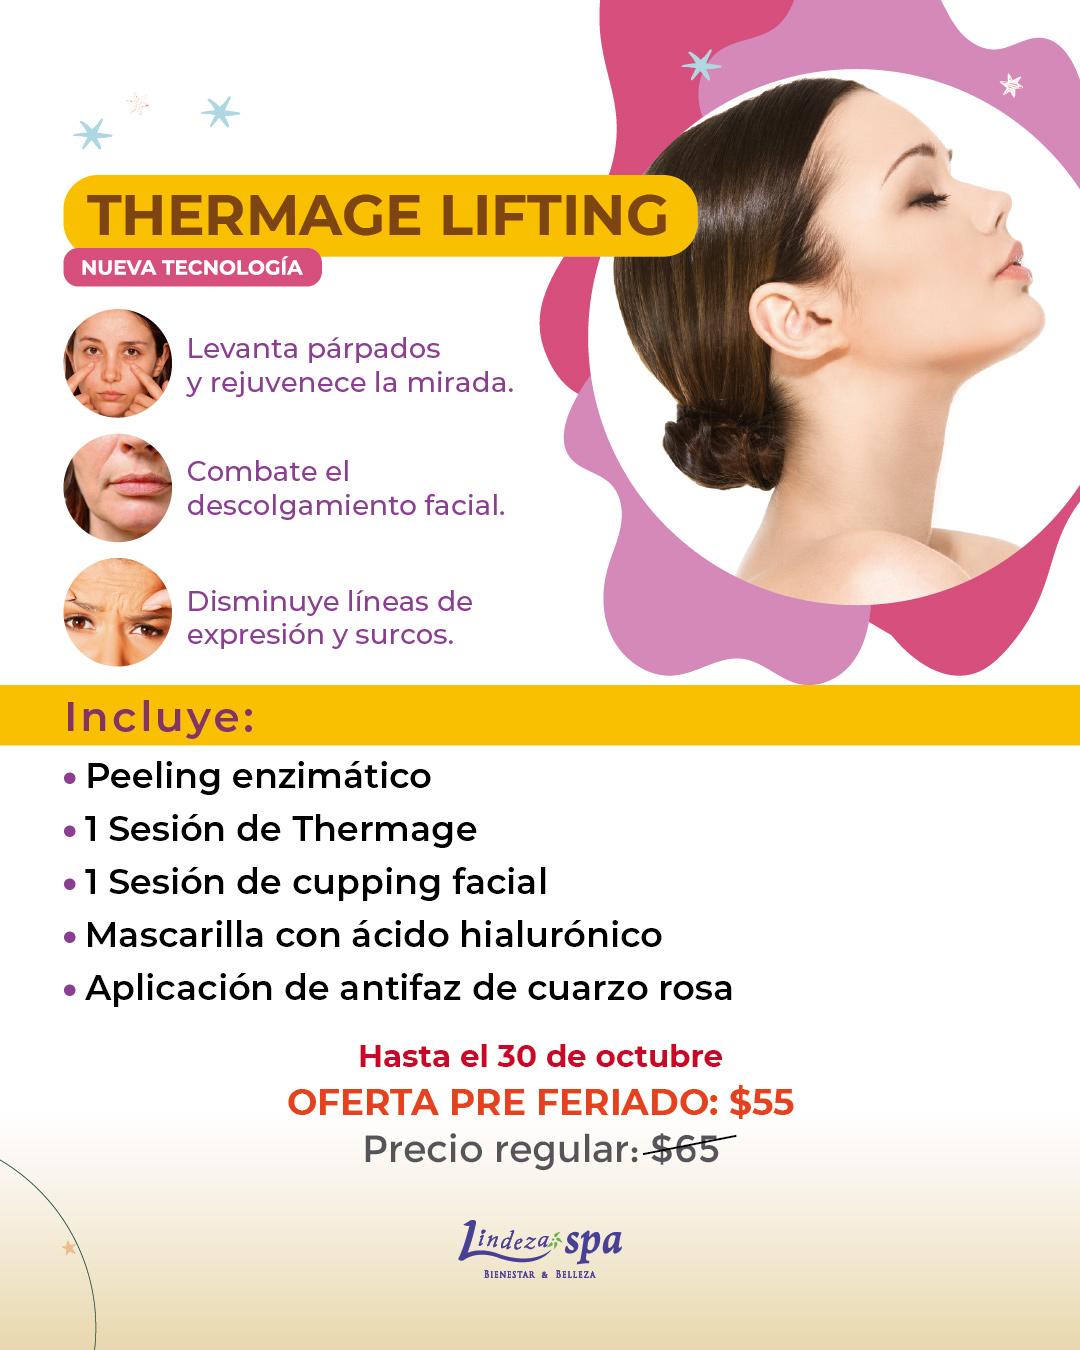 Thermage Lifting, radiofrecuencia en Guayaquil, facial, skincare Ecuador, colágeno, tratamientos faciales en Guayaquil